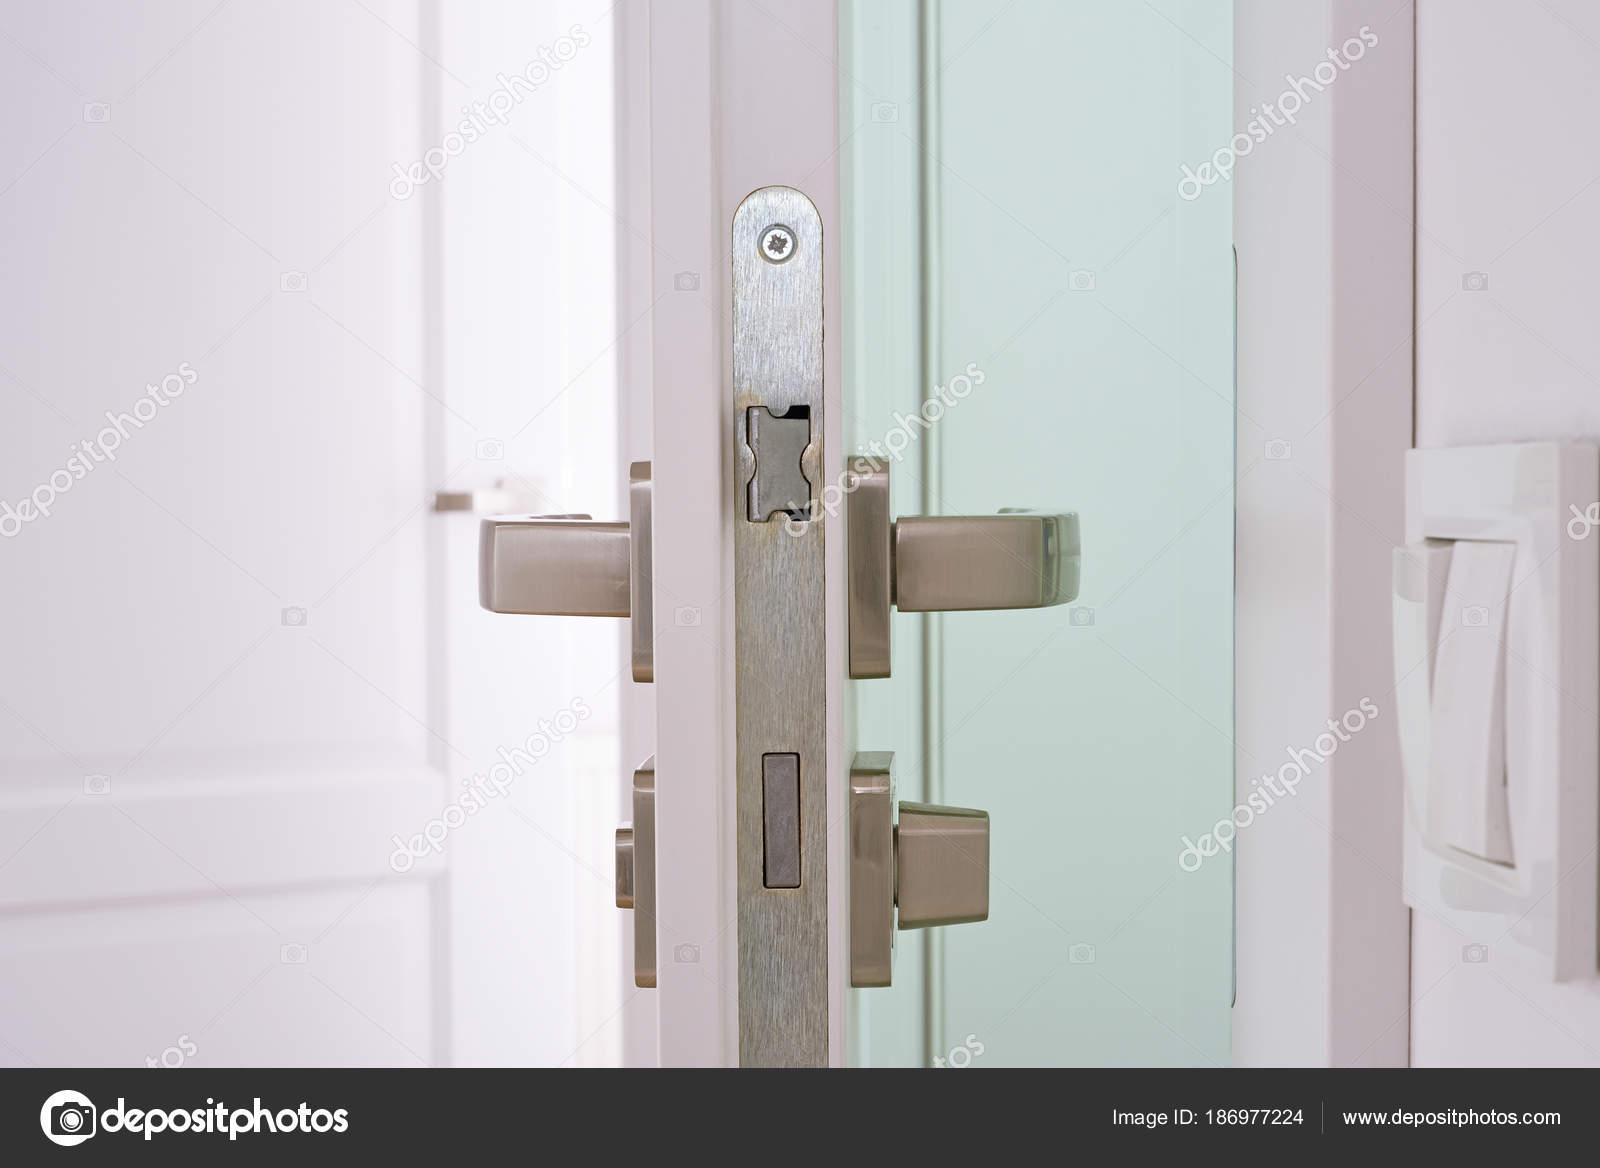 Geöffnete Tür zum Badezimmer — Stockfoto © nestik #186977224